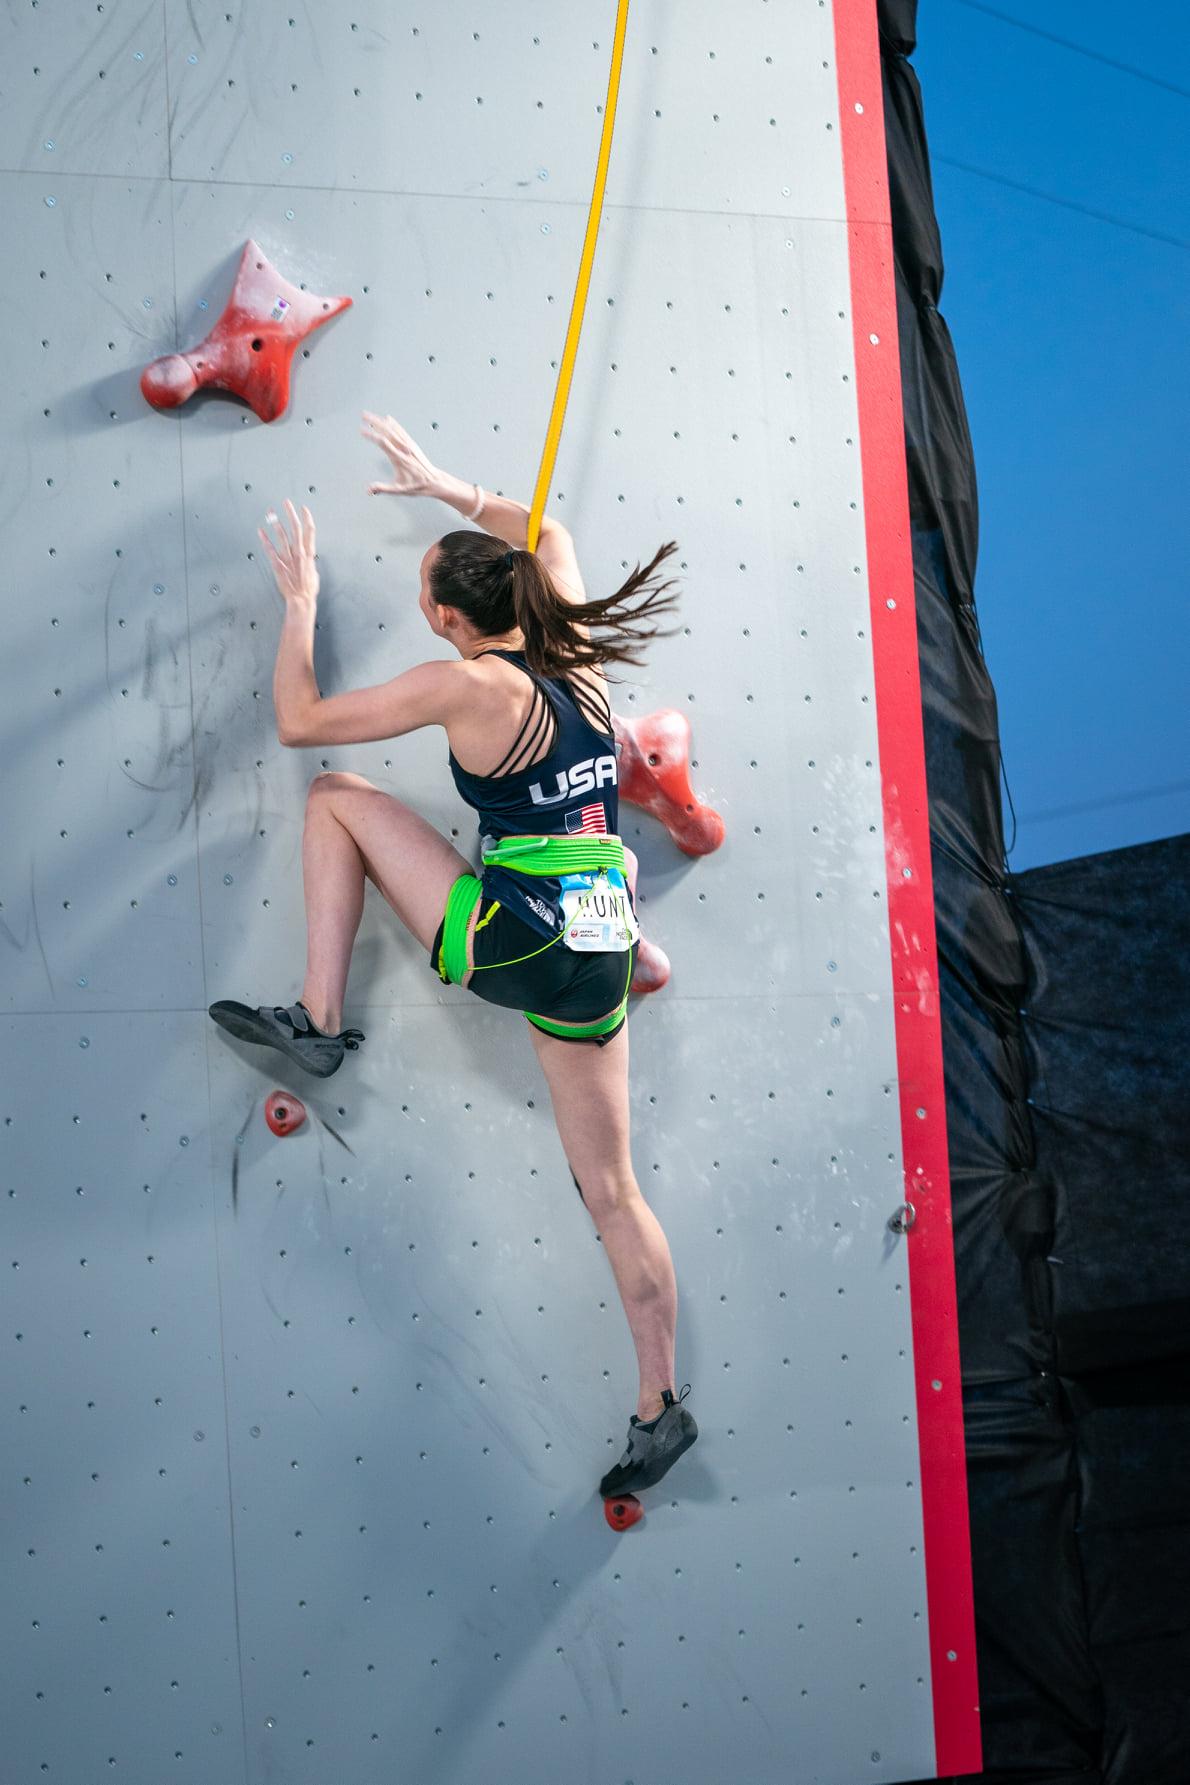 USA Climber Hunt on wall, mid reach